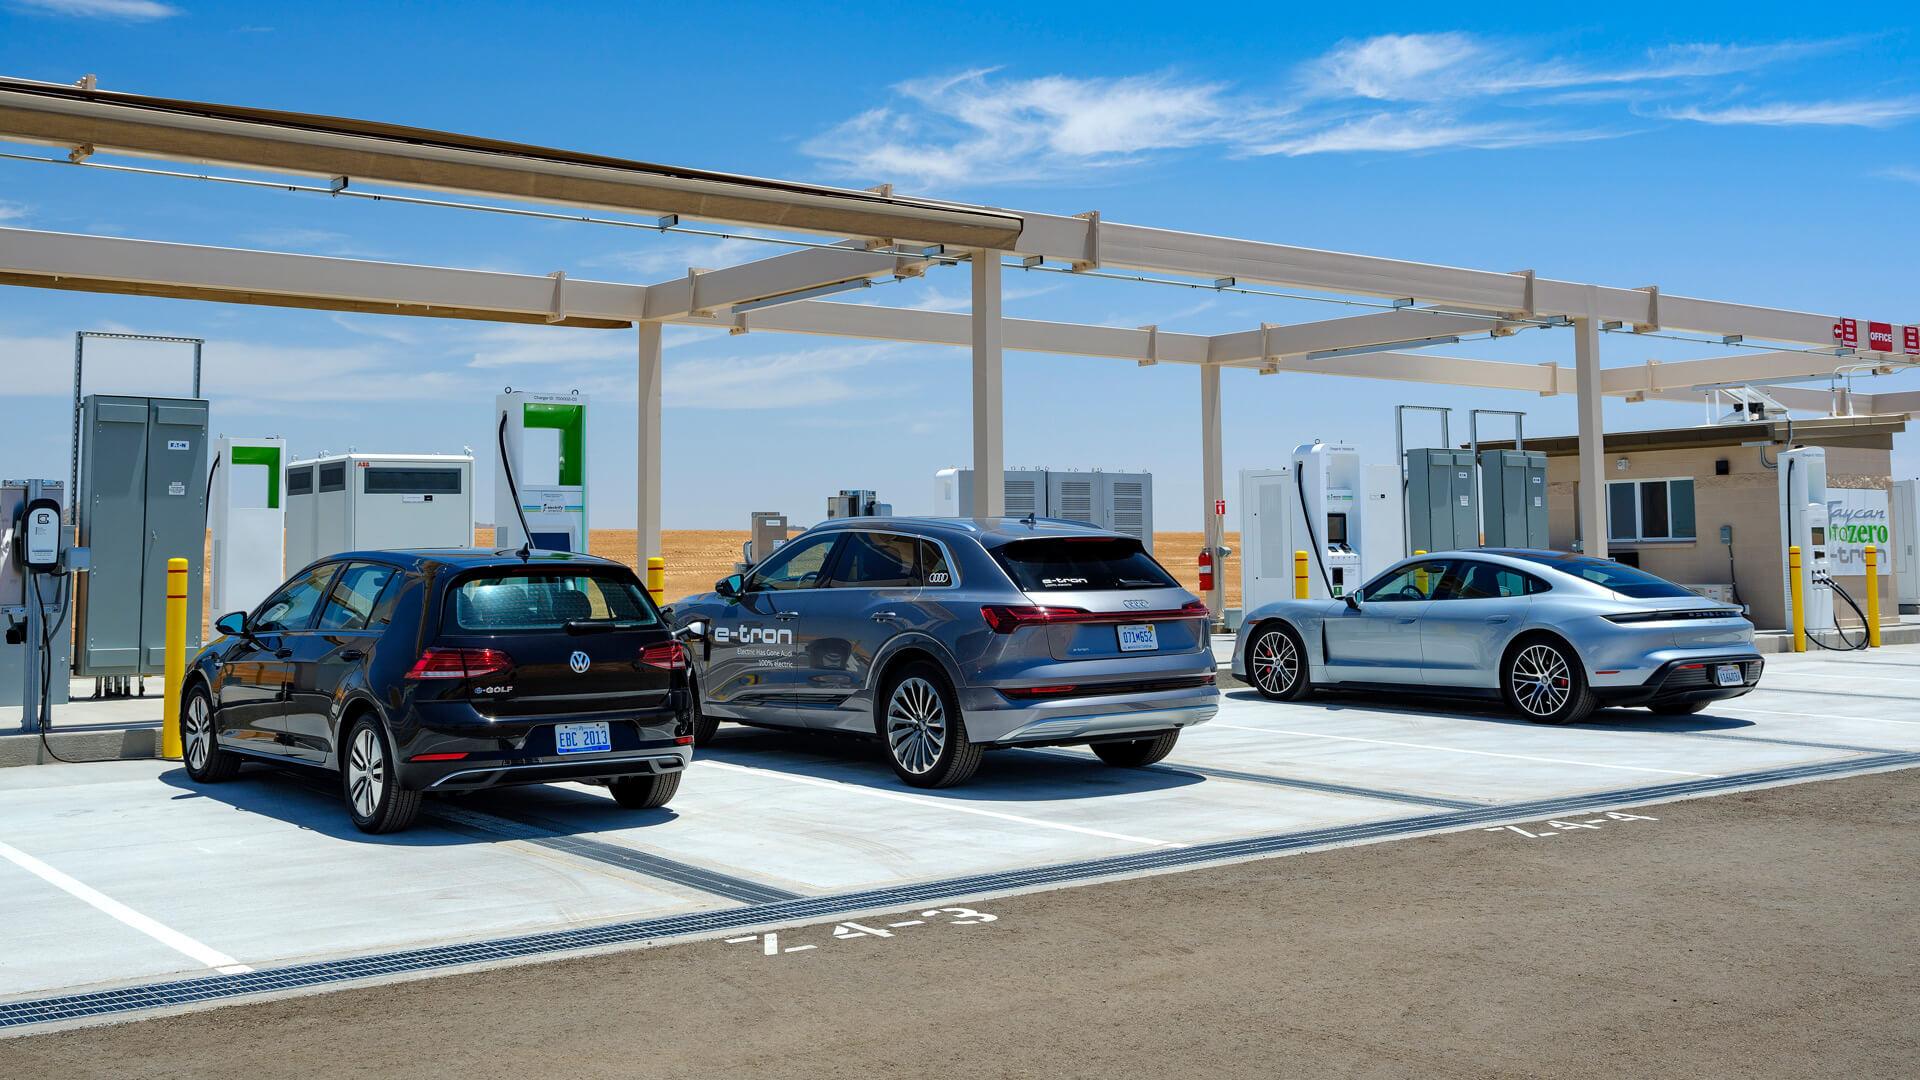 VW открывает зарядную станцию на 50 электромобилей в Аризонском испытательном полигоне